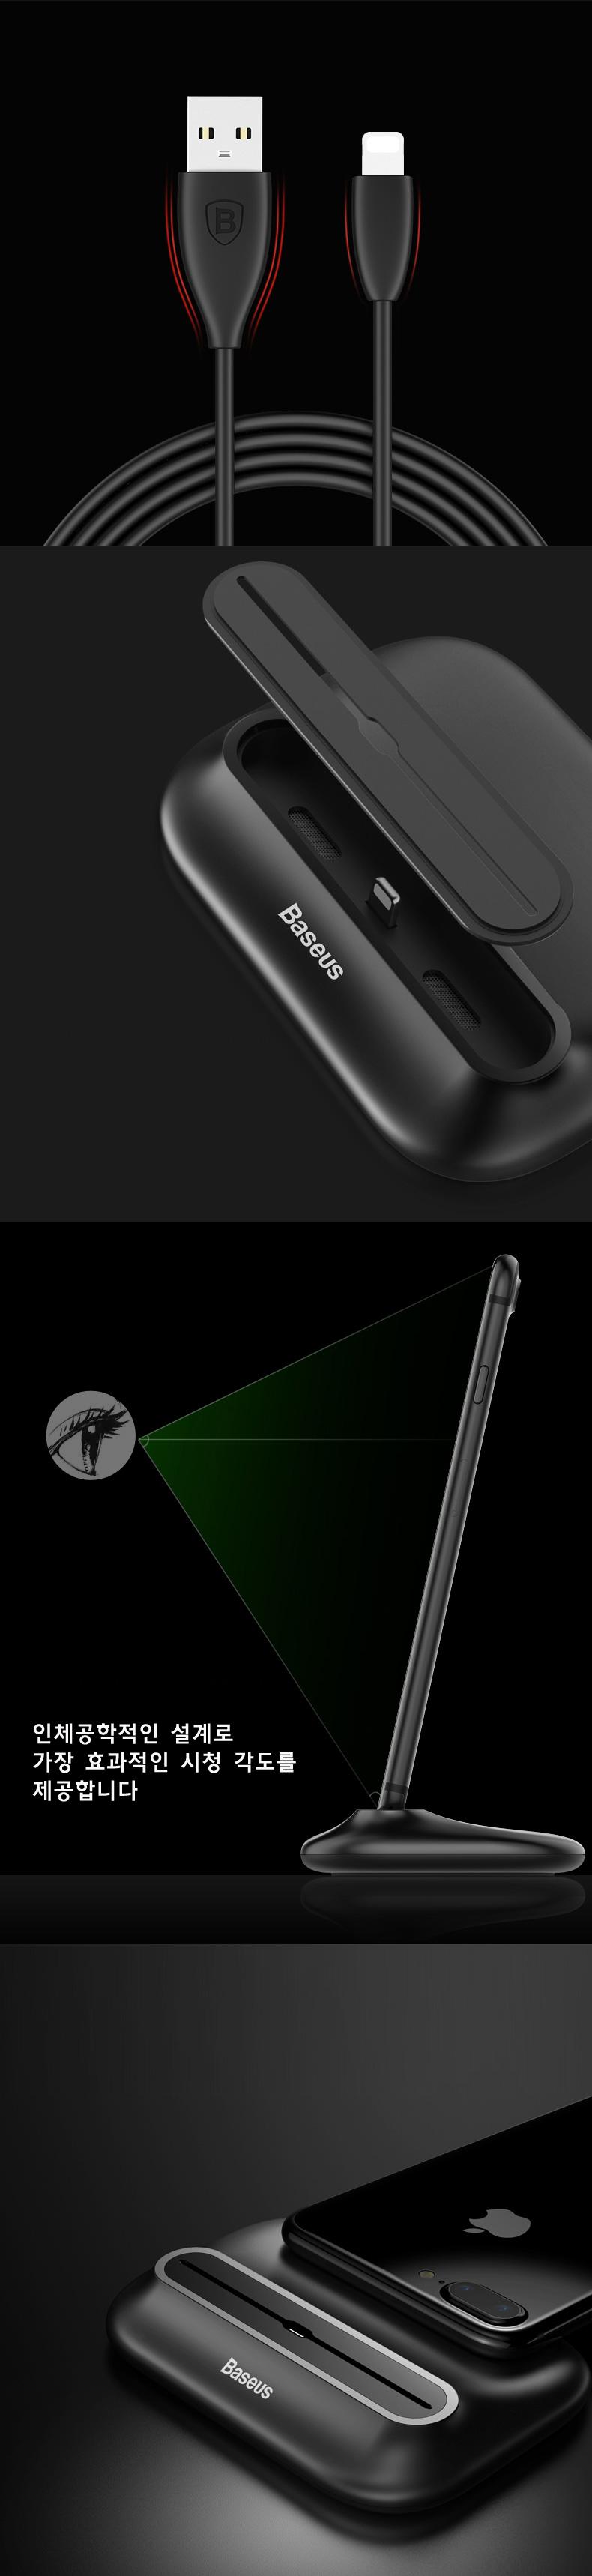 아이폰 메탈 스탠드 충전독 거치대 - 라이프 트렌드, 19,800원, 케이블, 8핀